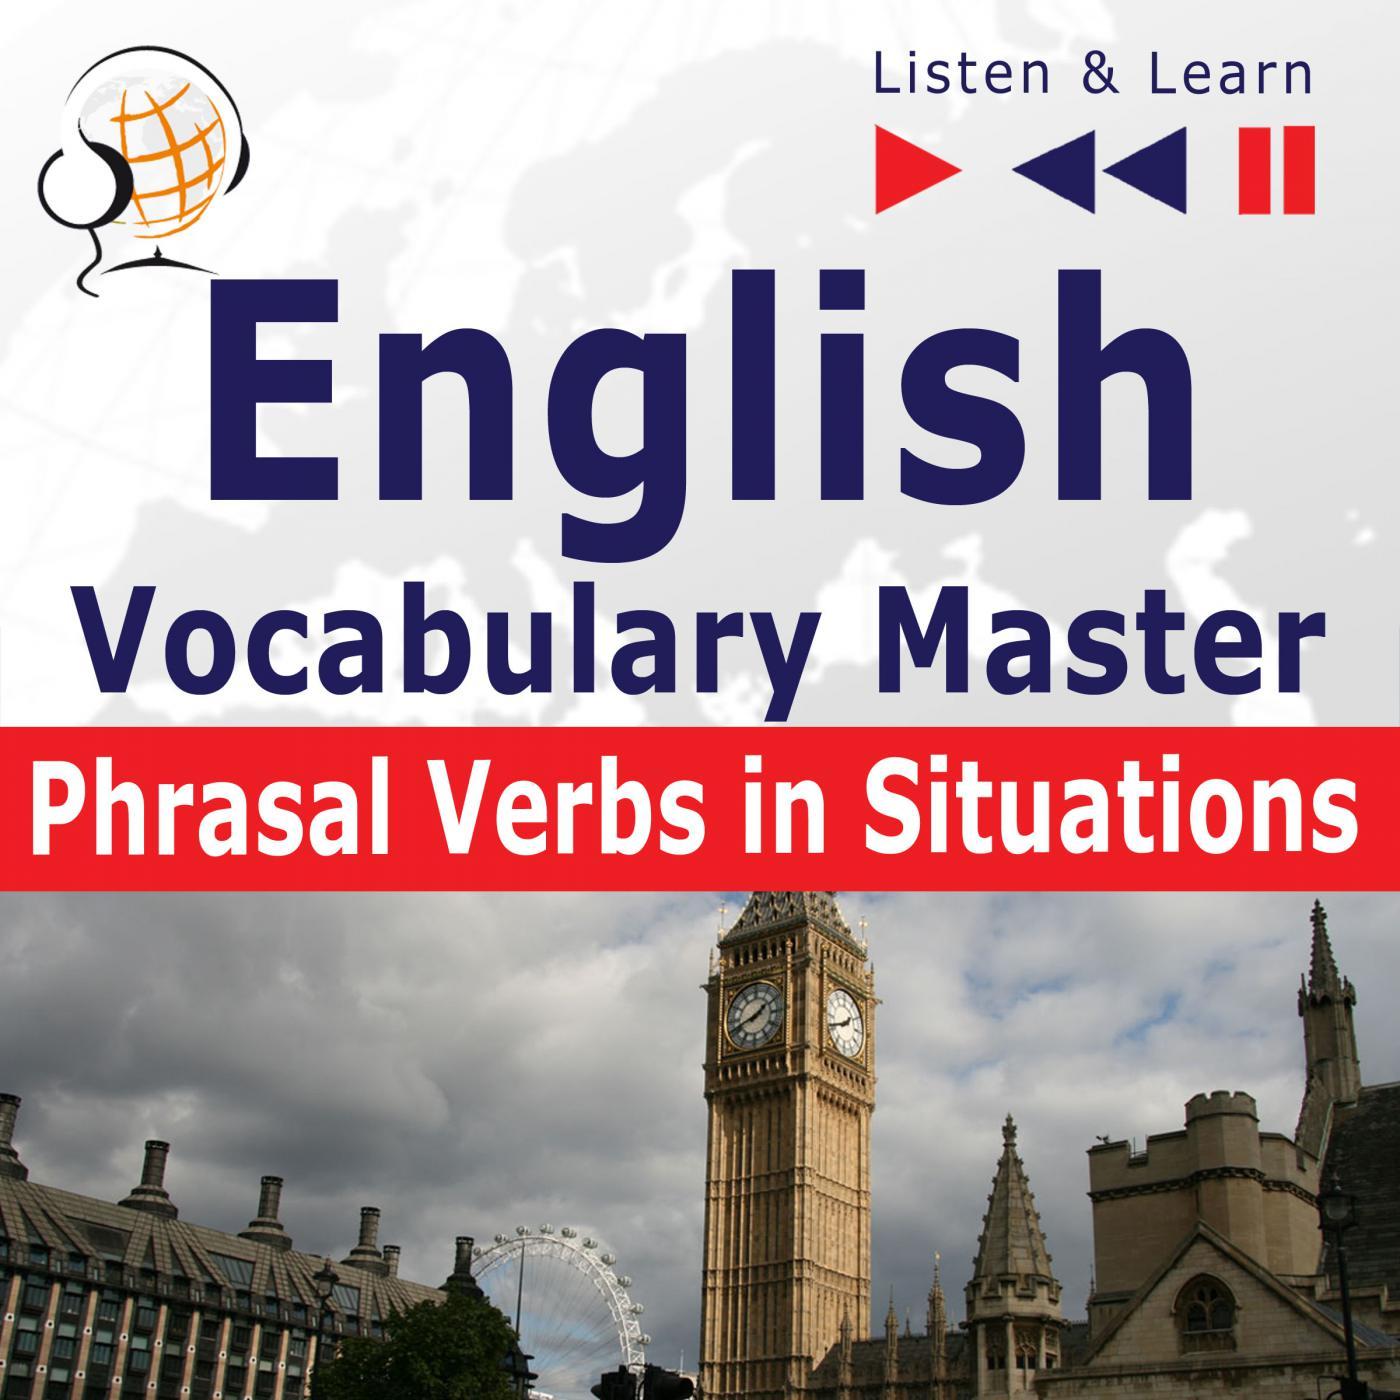 English Vocabulary Master for Intermediate / Advanced Learners – Listen & Learn to Speak: Phrasal Verbs in Situations (Proficiency Level: B2-C1) - Audiobook (Książka audio MP3) do pobrania w całości w archiwum ZIP